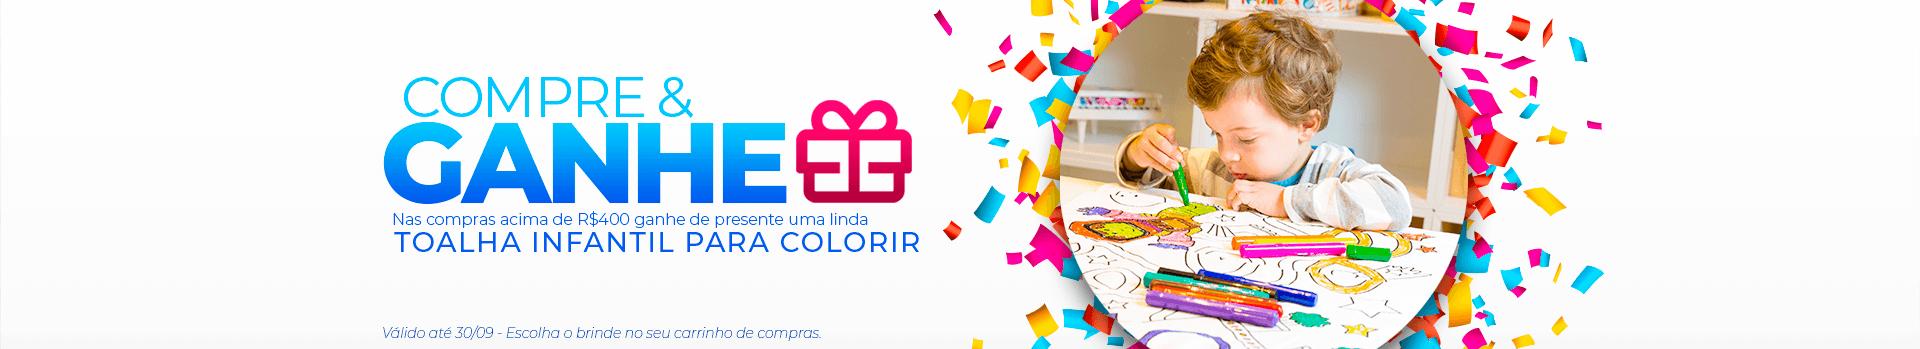 Compre e Ganhe uma Linda Toalha Infantil para Colorir | Loja Buettner | Aproveite!